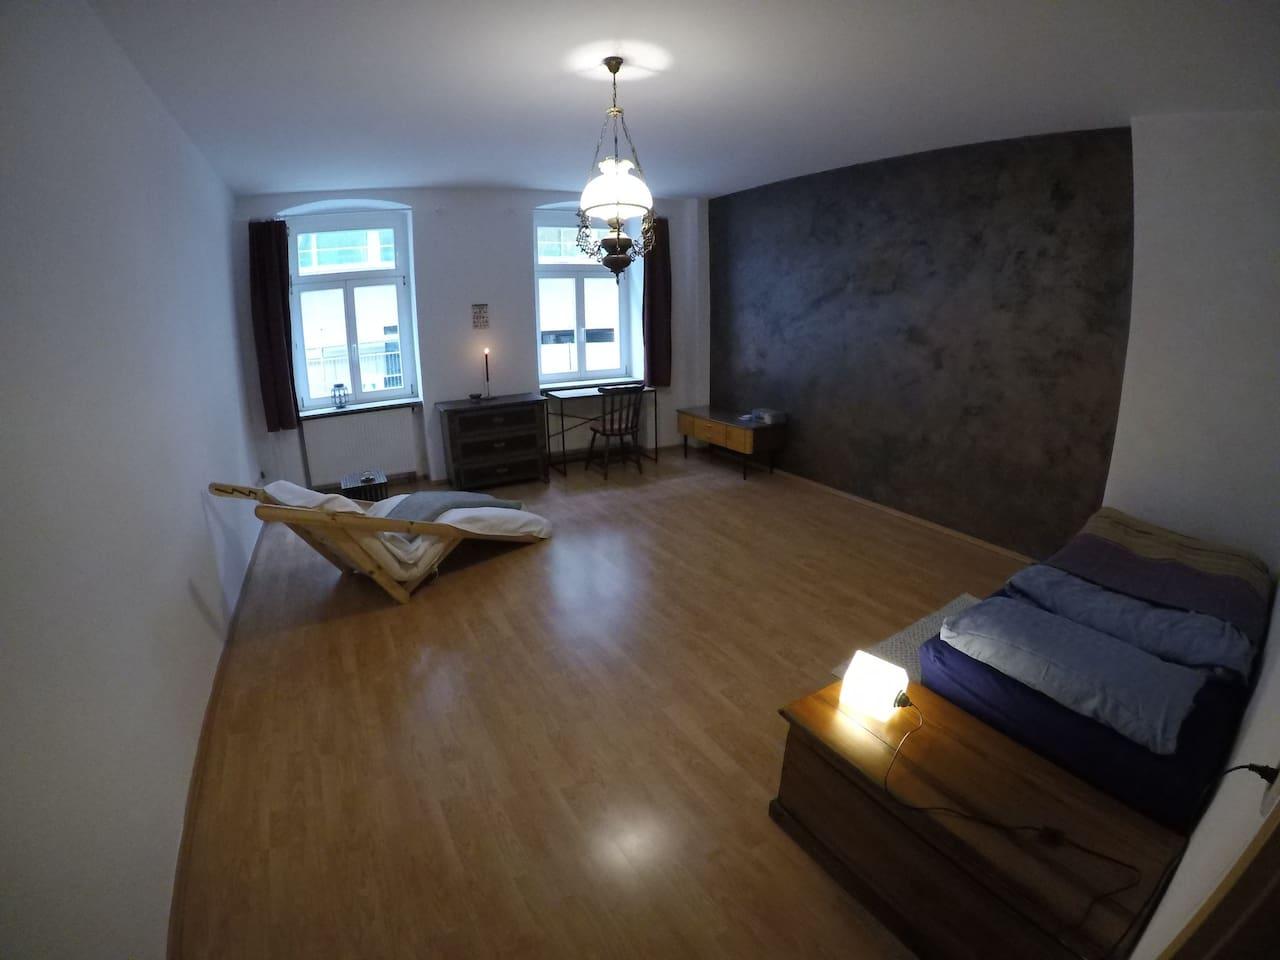 Gastzimmer 23 qm mit einem Stapelbett, einer Futonliege und einem Schreibtisch. ゲストルーム23平米の部屋。